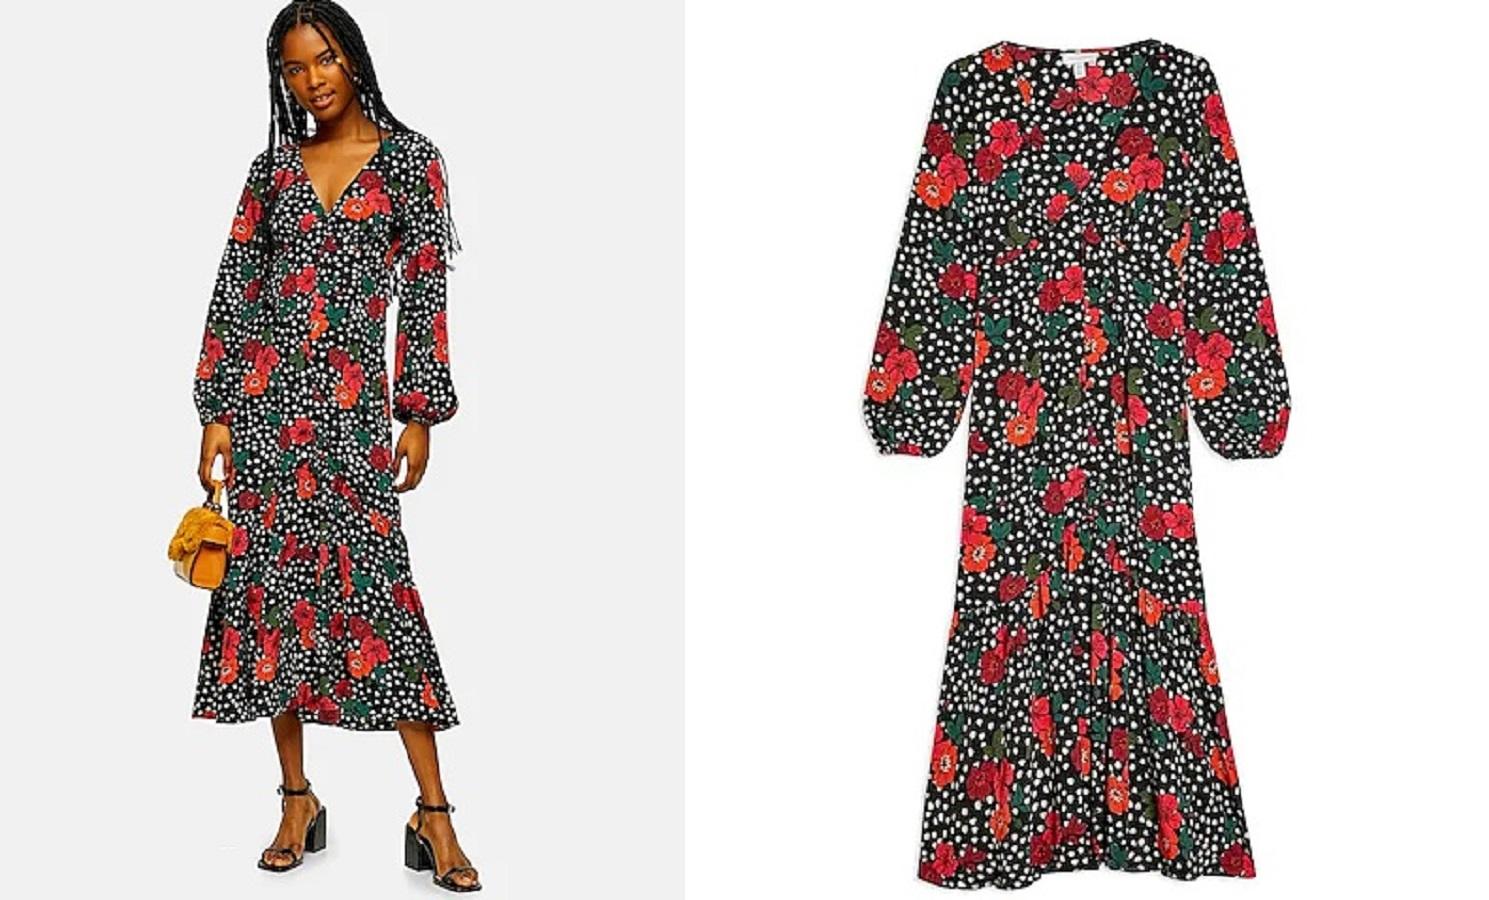 Il vestito Topshop da 35 euro ideale per le serate estive